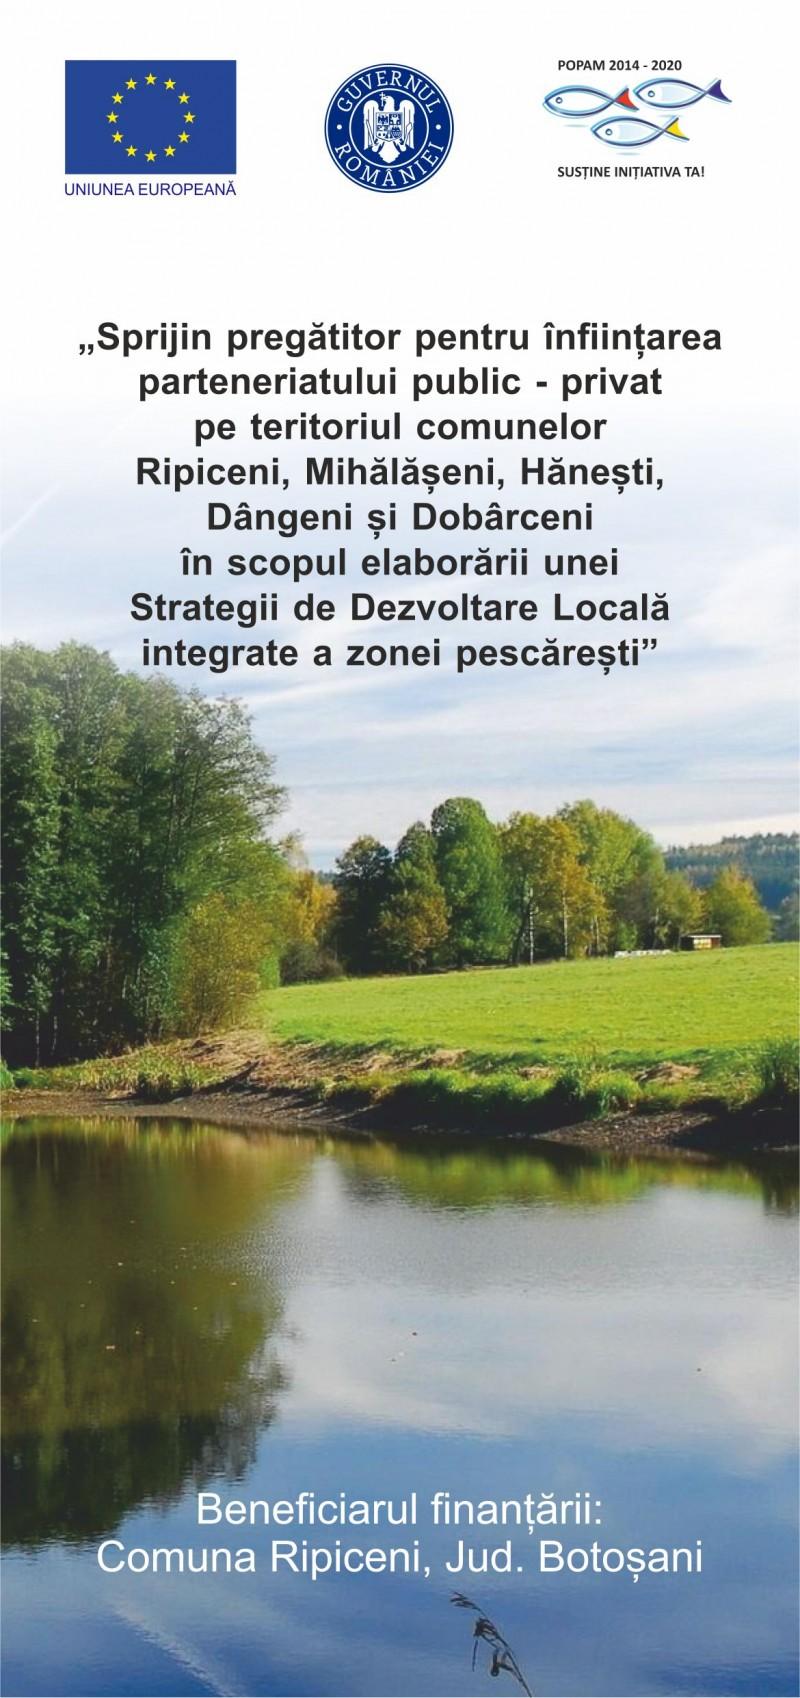 Comuna Ripiceni anunta lansarea activitatilor specifice de animare, informare publica, intalniri de lucru si consultari la nivelul microregiunii deservite